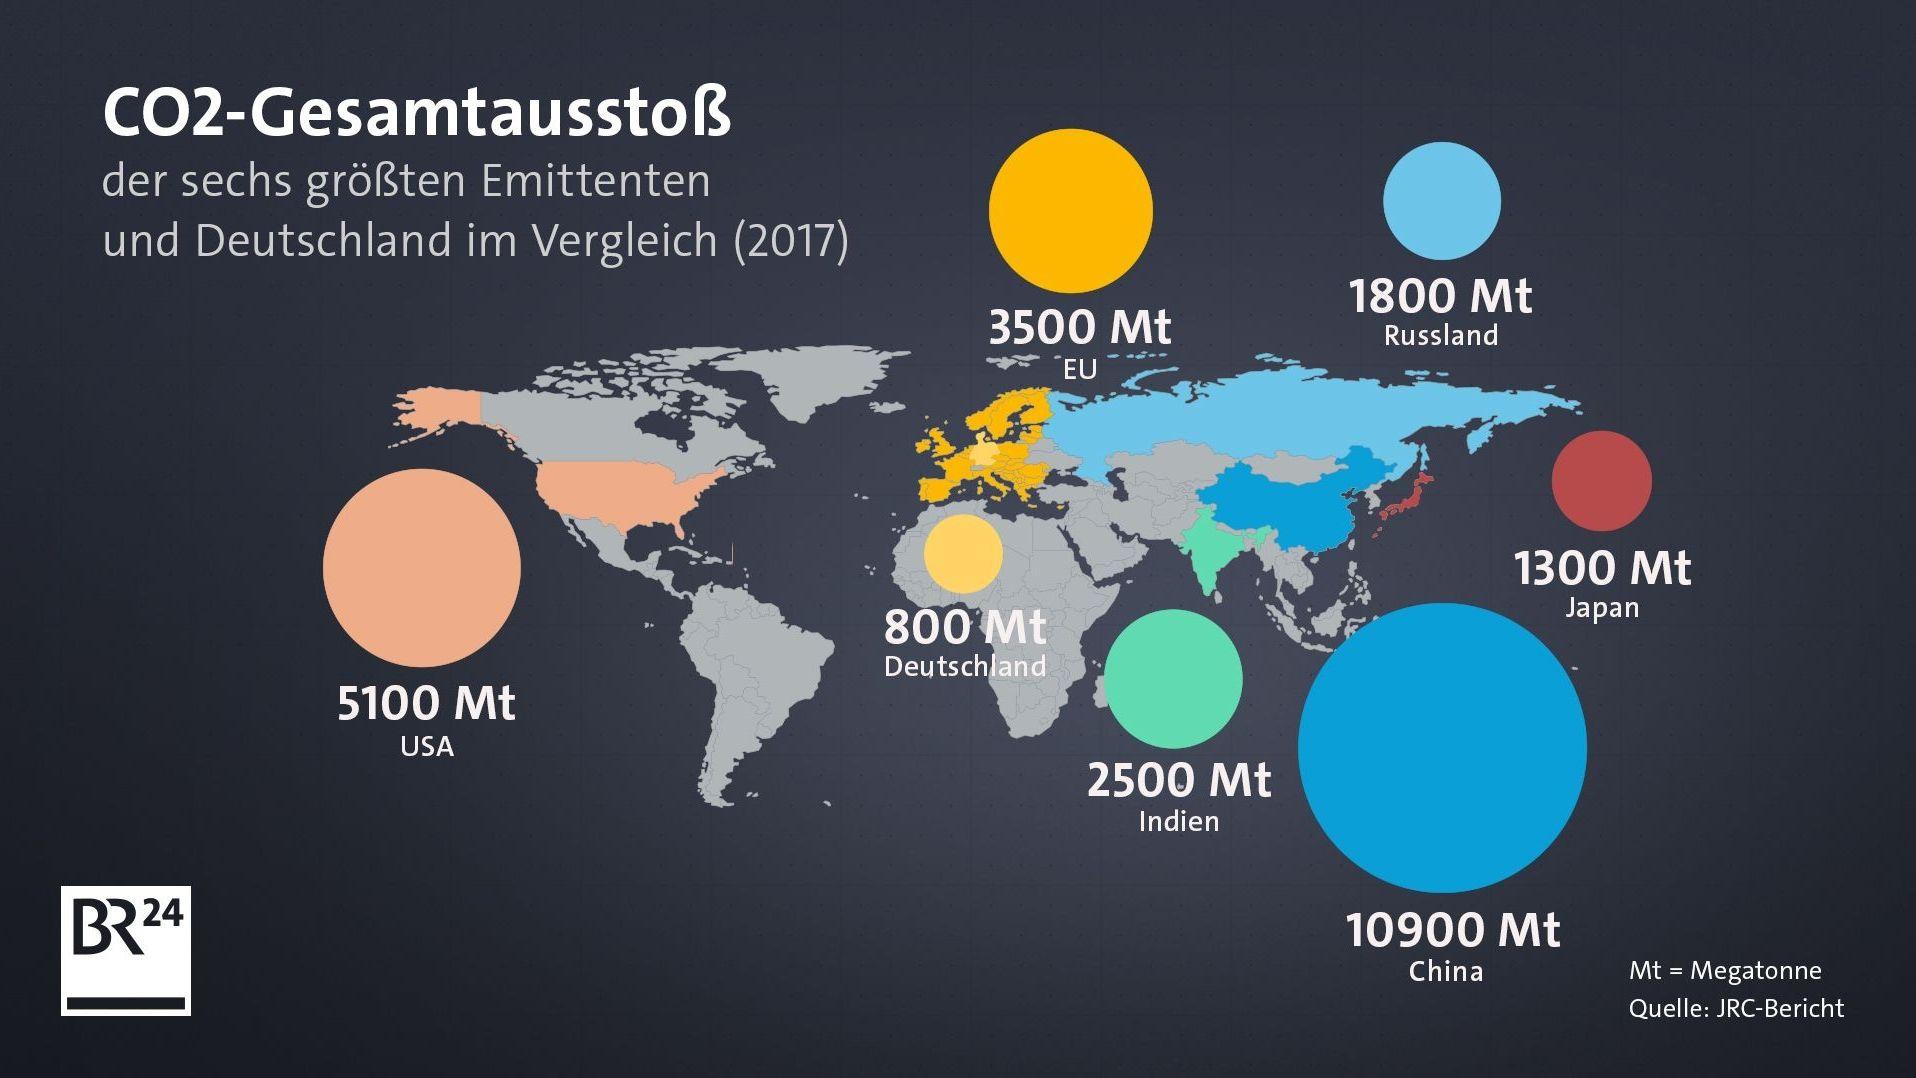 CO2-Gesamtausstoß der sechs größten Emittenten und Deutschland im Vergleich